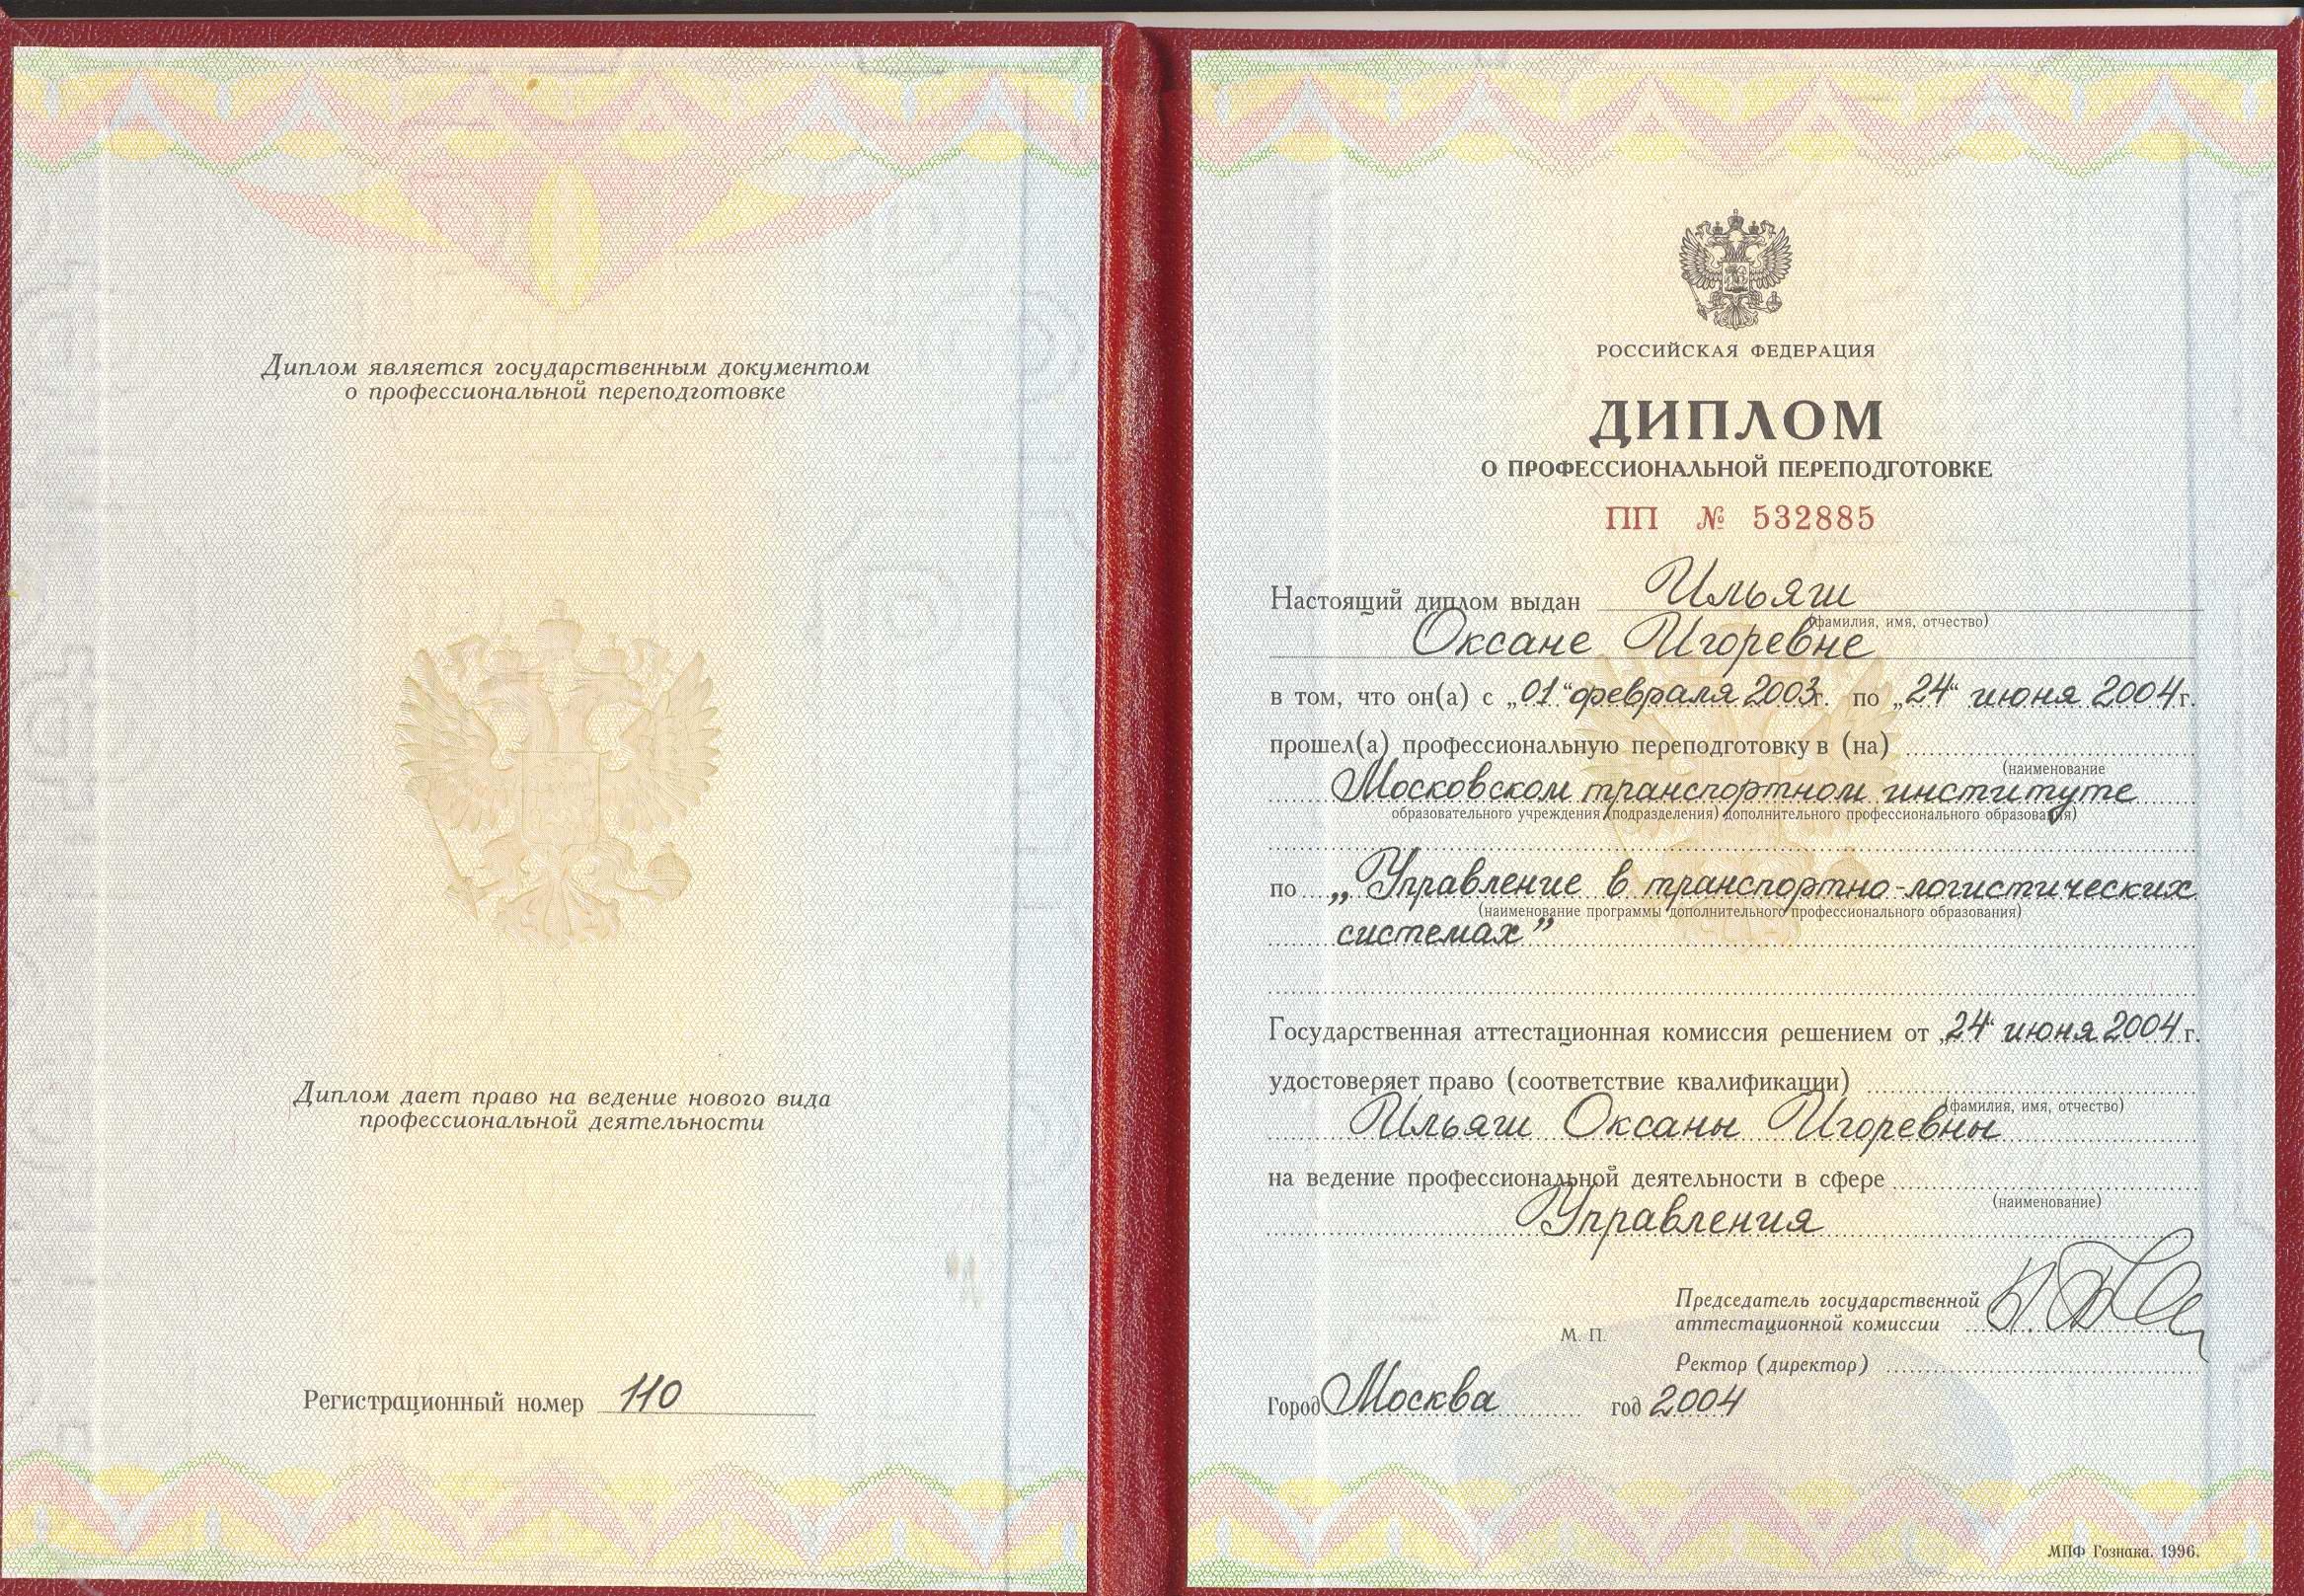 Диплом европейского образца ену Заочное среднее специальное образование автослесарь в Москве